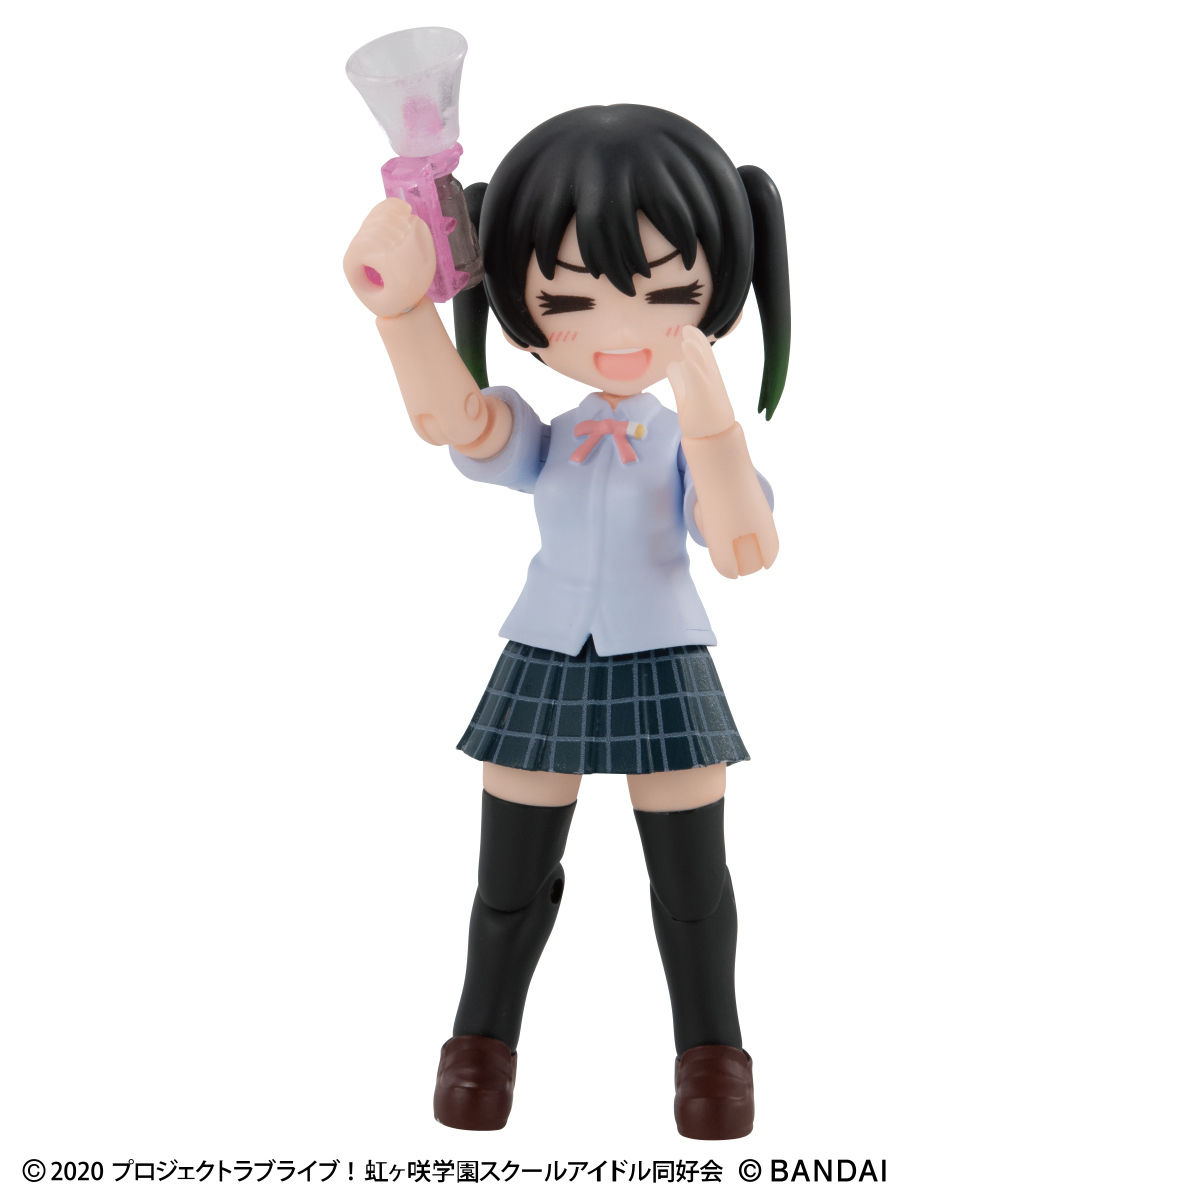 アクアシューターズ!『AQUA SHOOTERS! feat.虹ヶ咲学園スクールアイドル同好会01』3個入りBOX-015